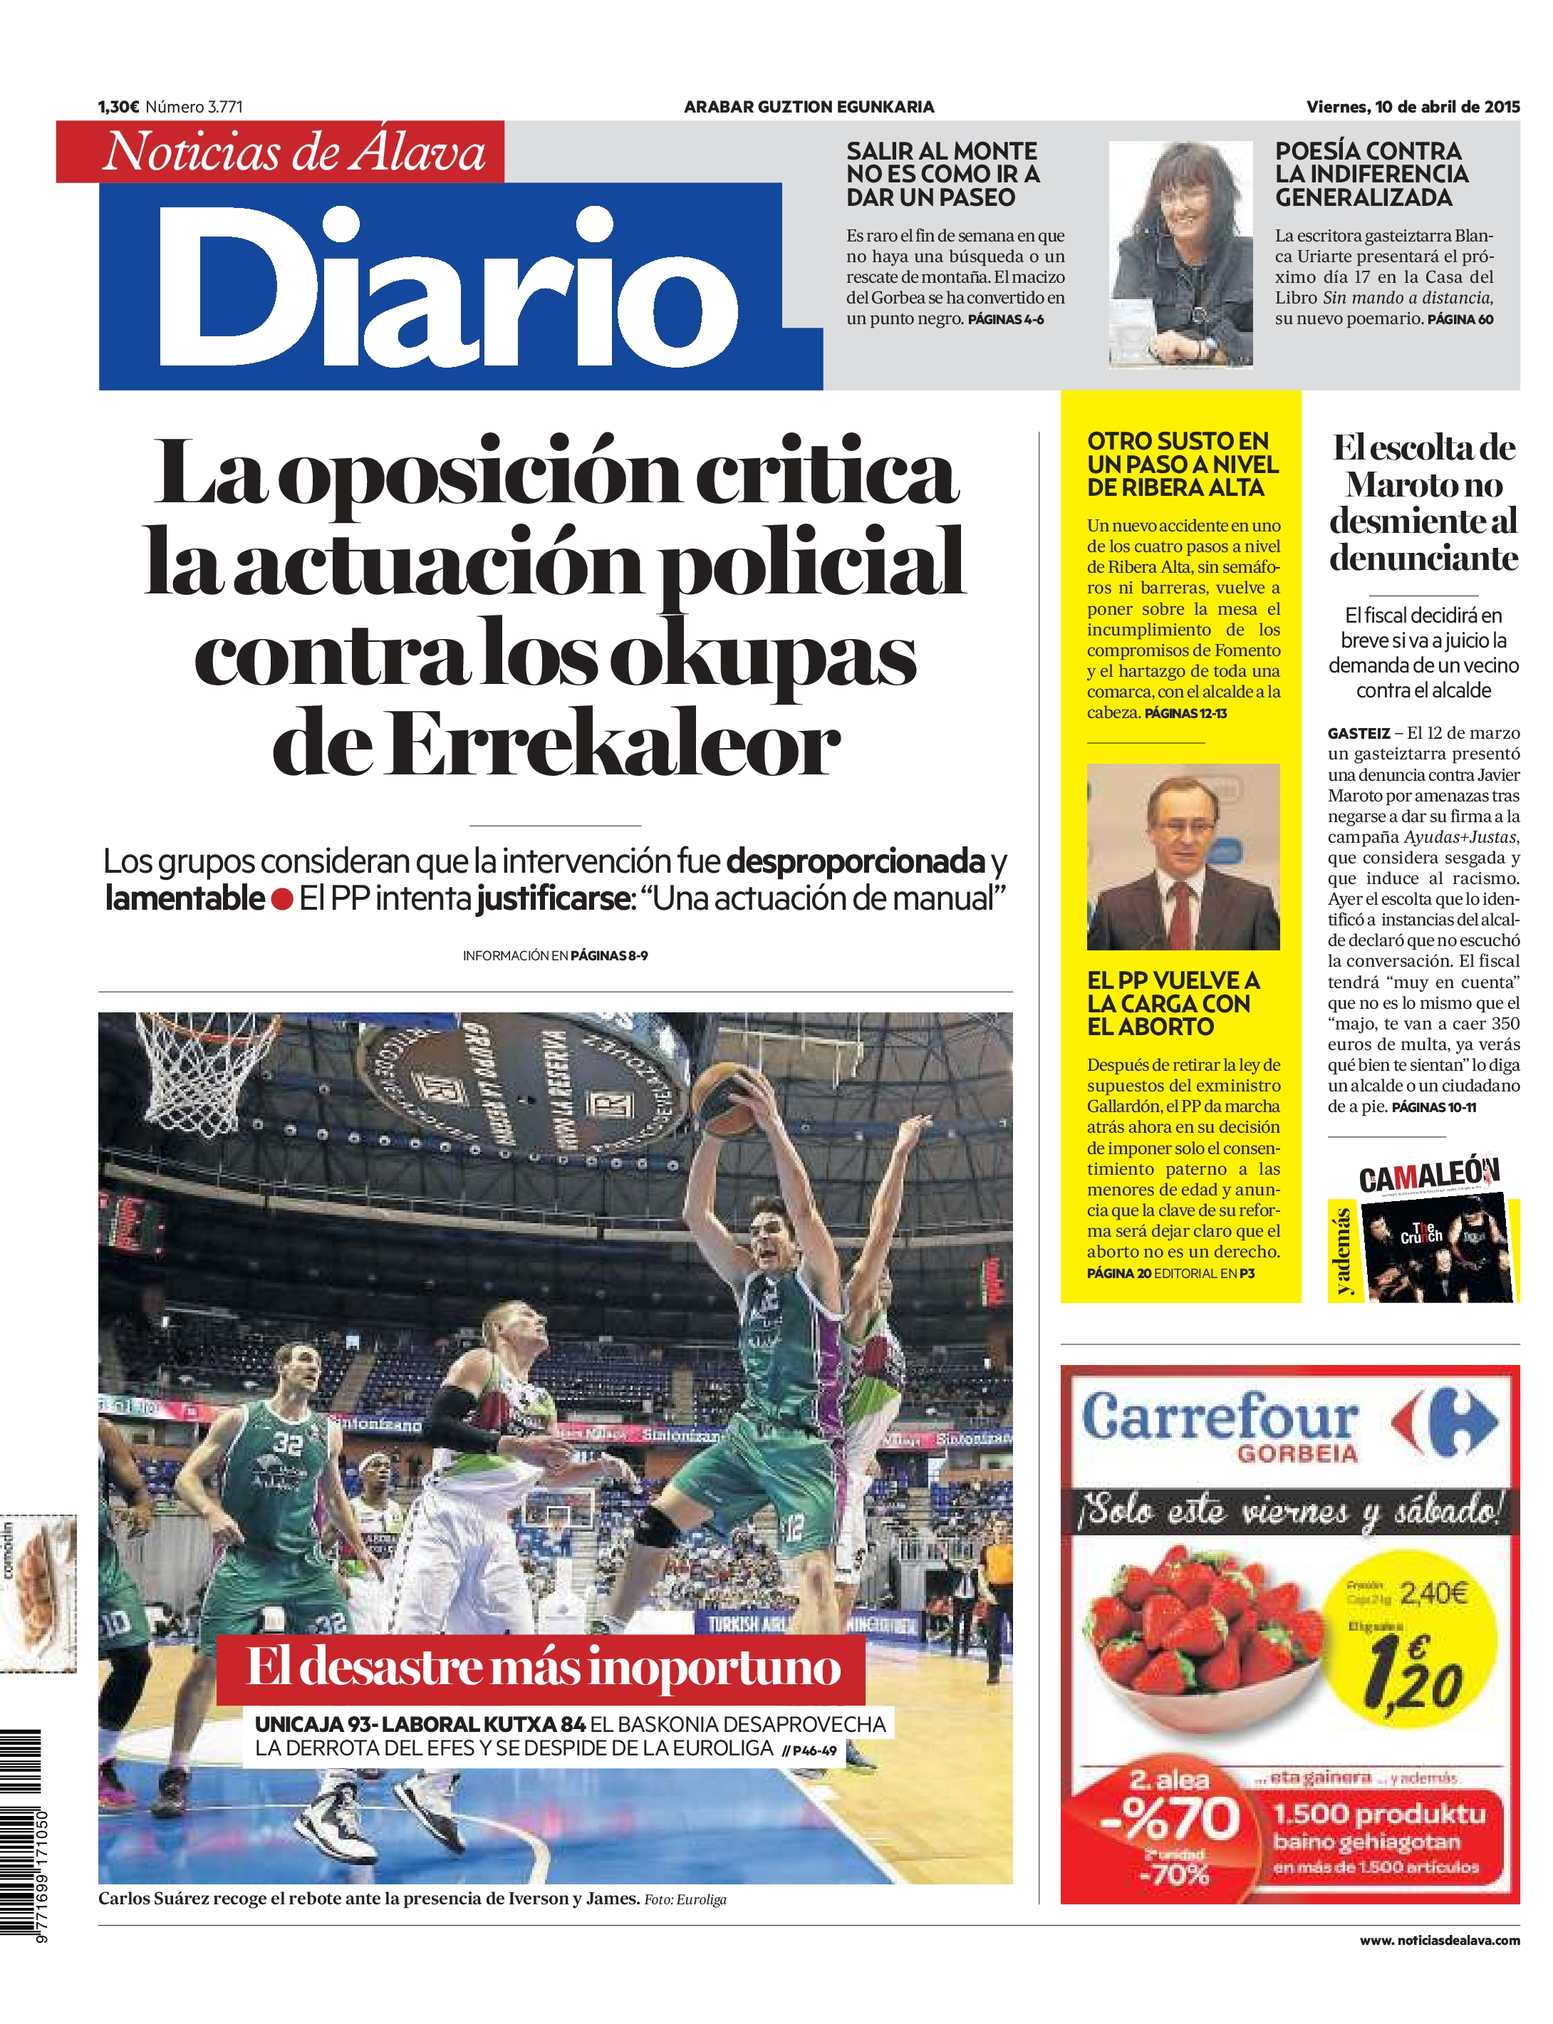 Calameo Diario De Noticias De Alava 20150410